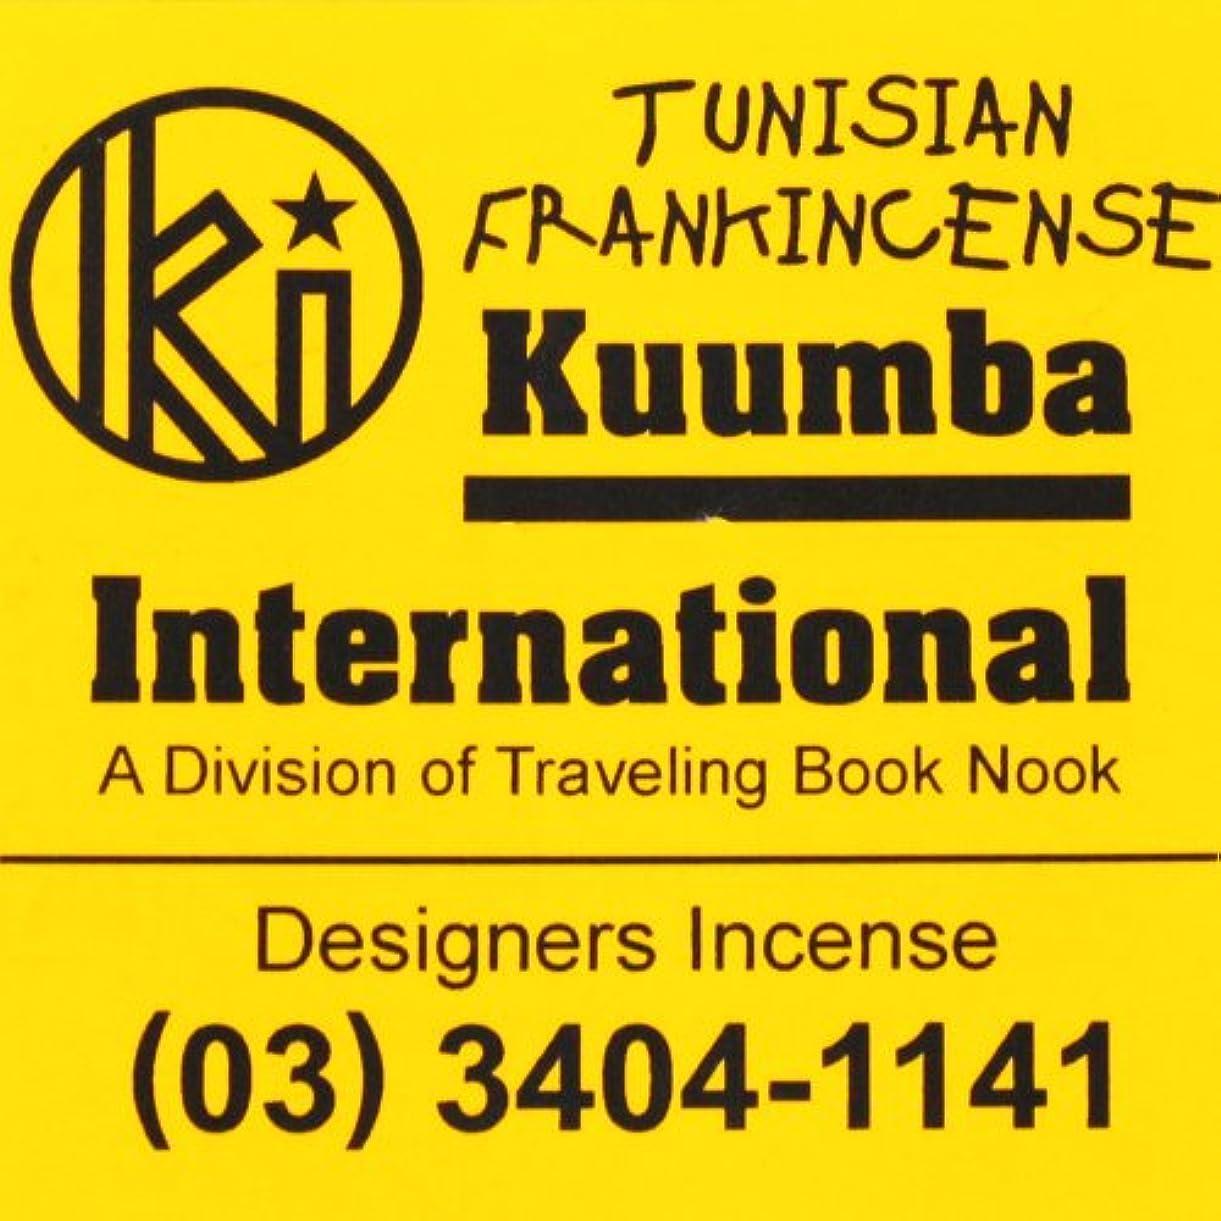 速い弾丸ぬるい(クンバ) KUUMBA『classic regular incense』(TUNISIAN FRANKINCENSE) (Regular size)